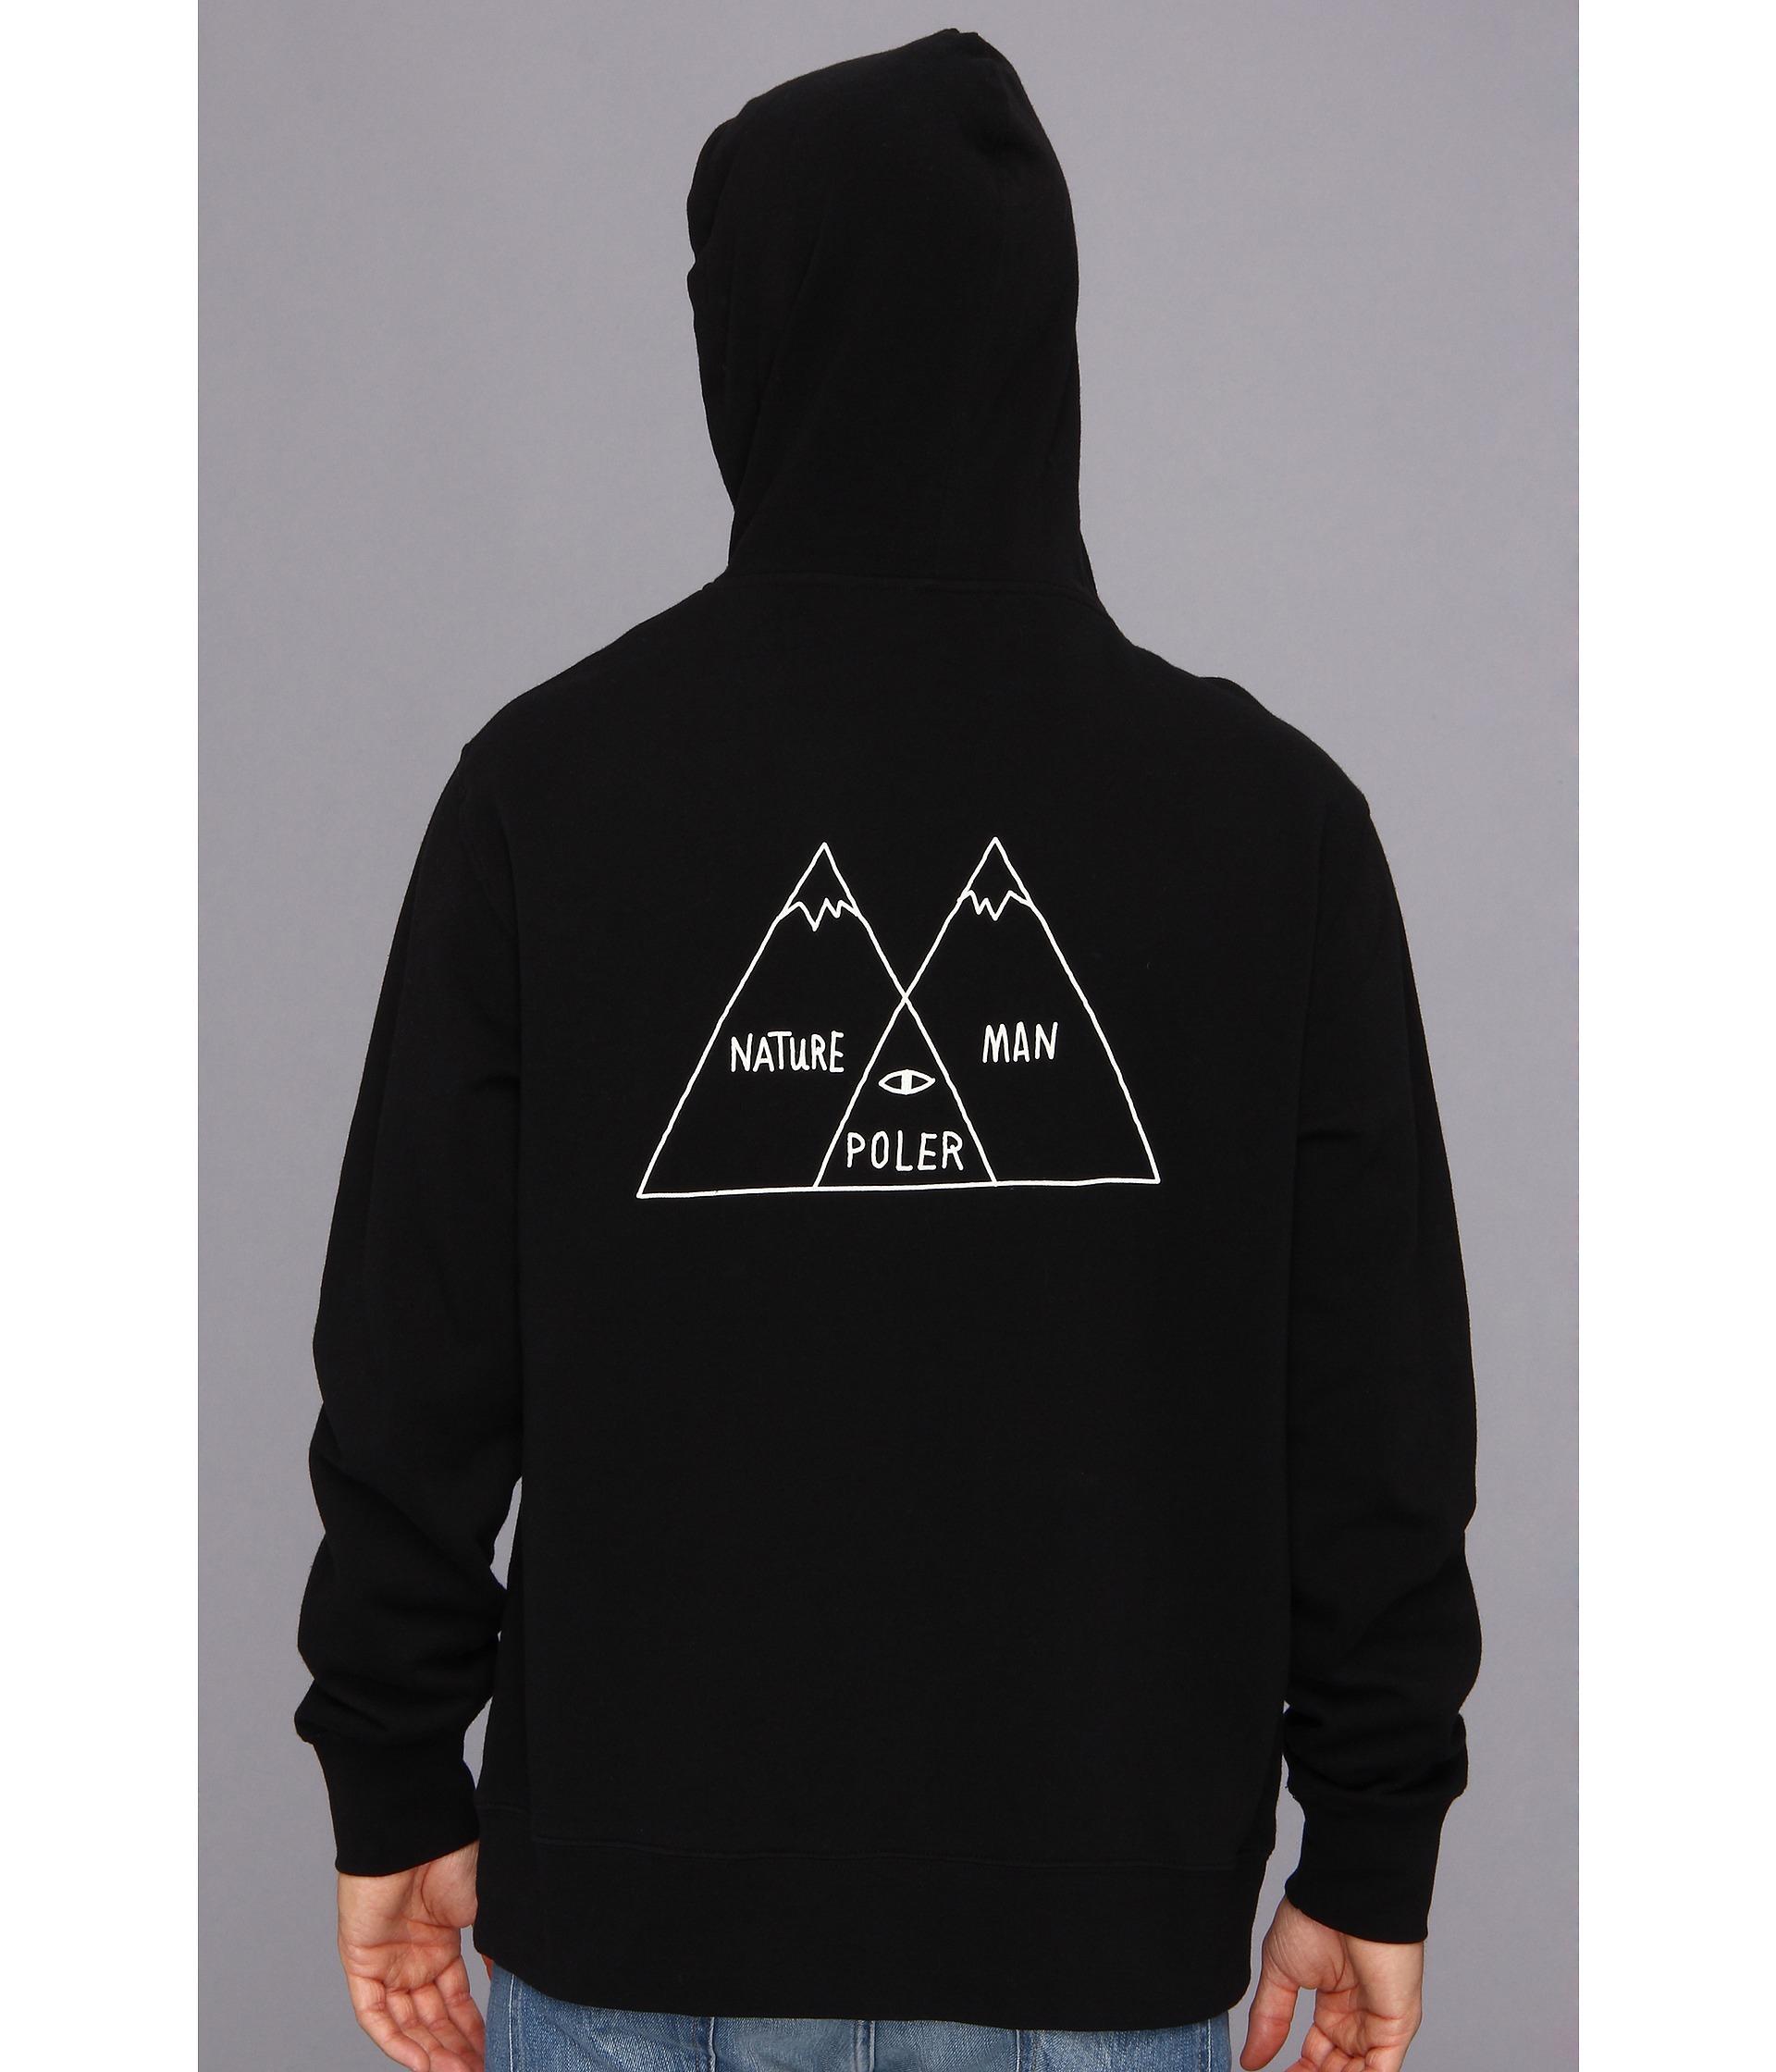 Lyst poler venn diagram zip hoodie in black for men gallery pooptronica